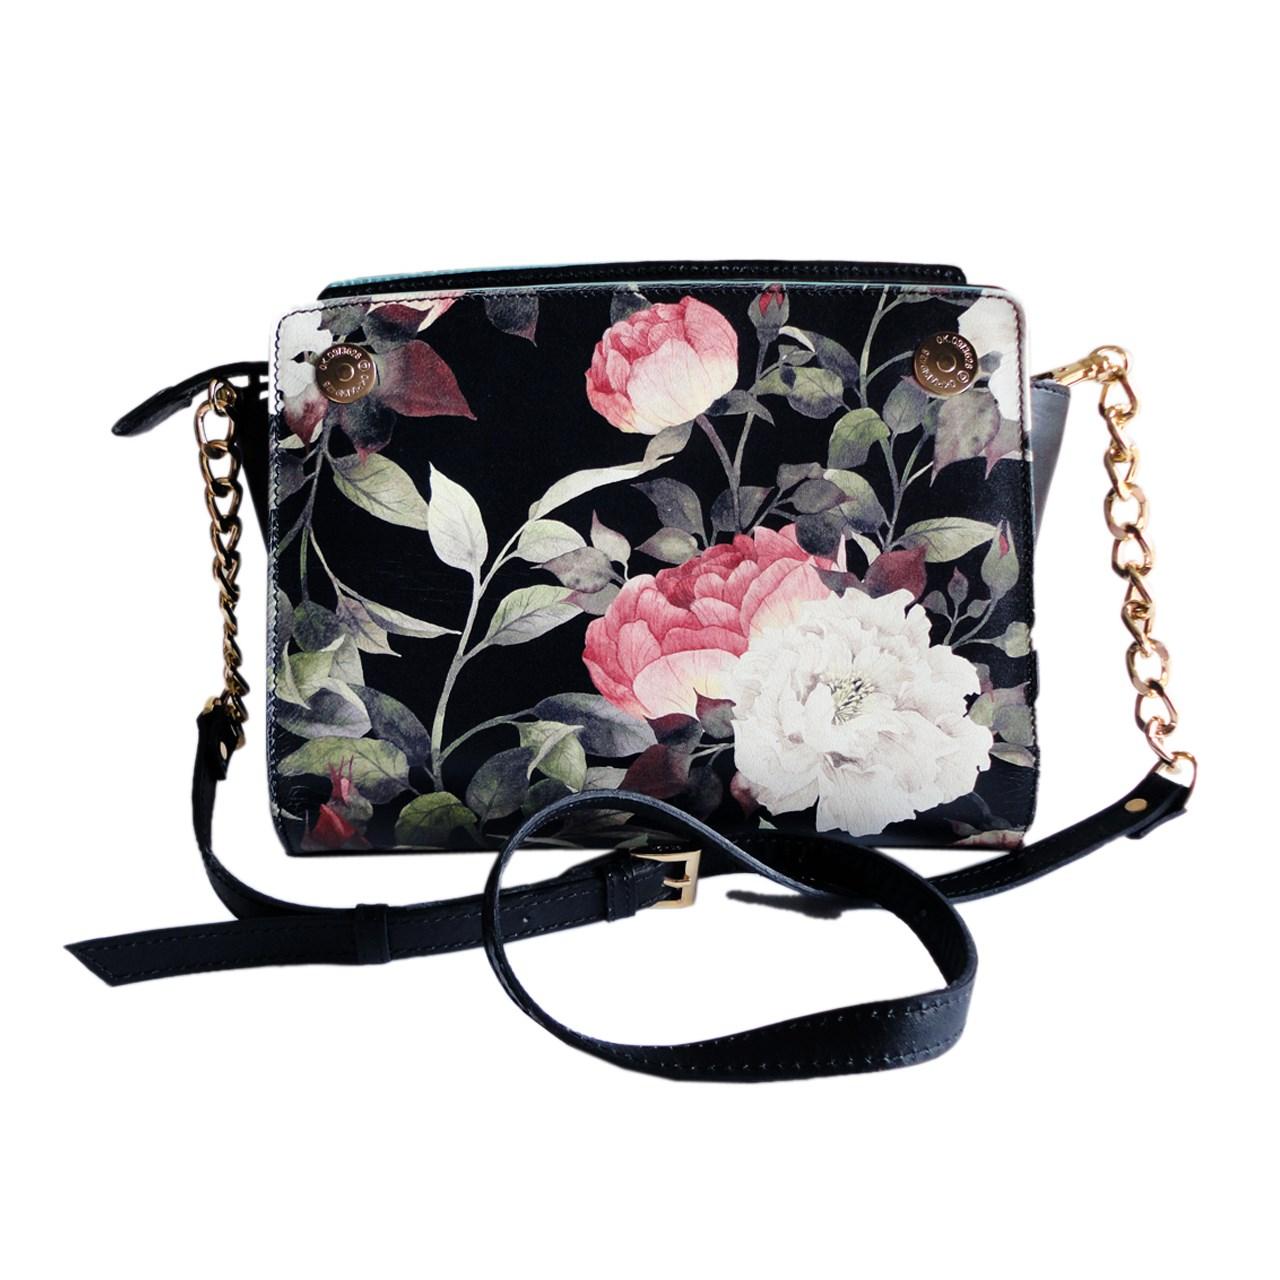 کیف دستی زنانه شیکوزیبا مدل Barba 1701